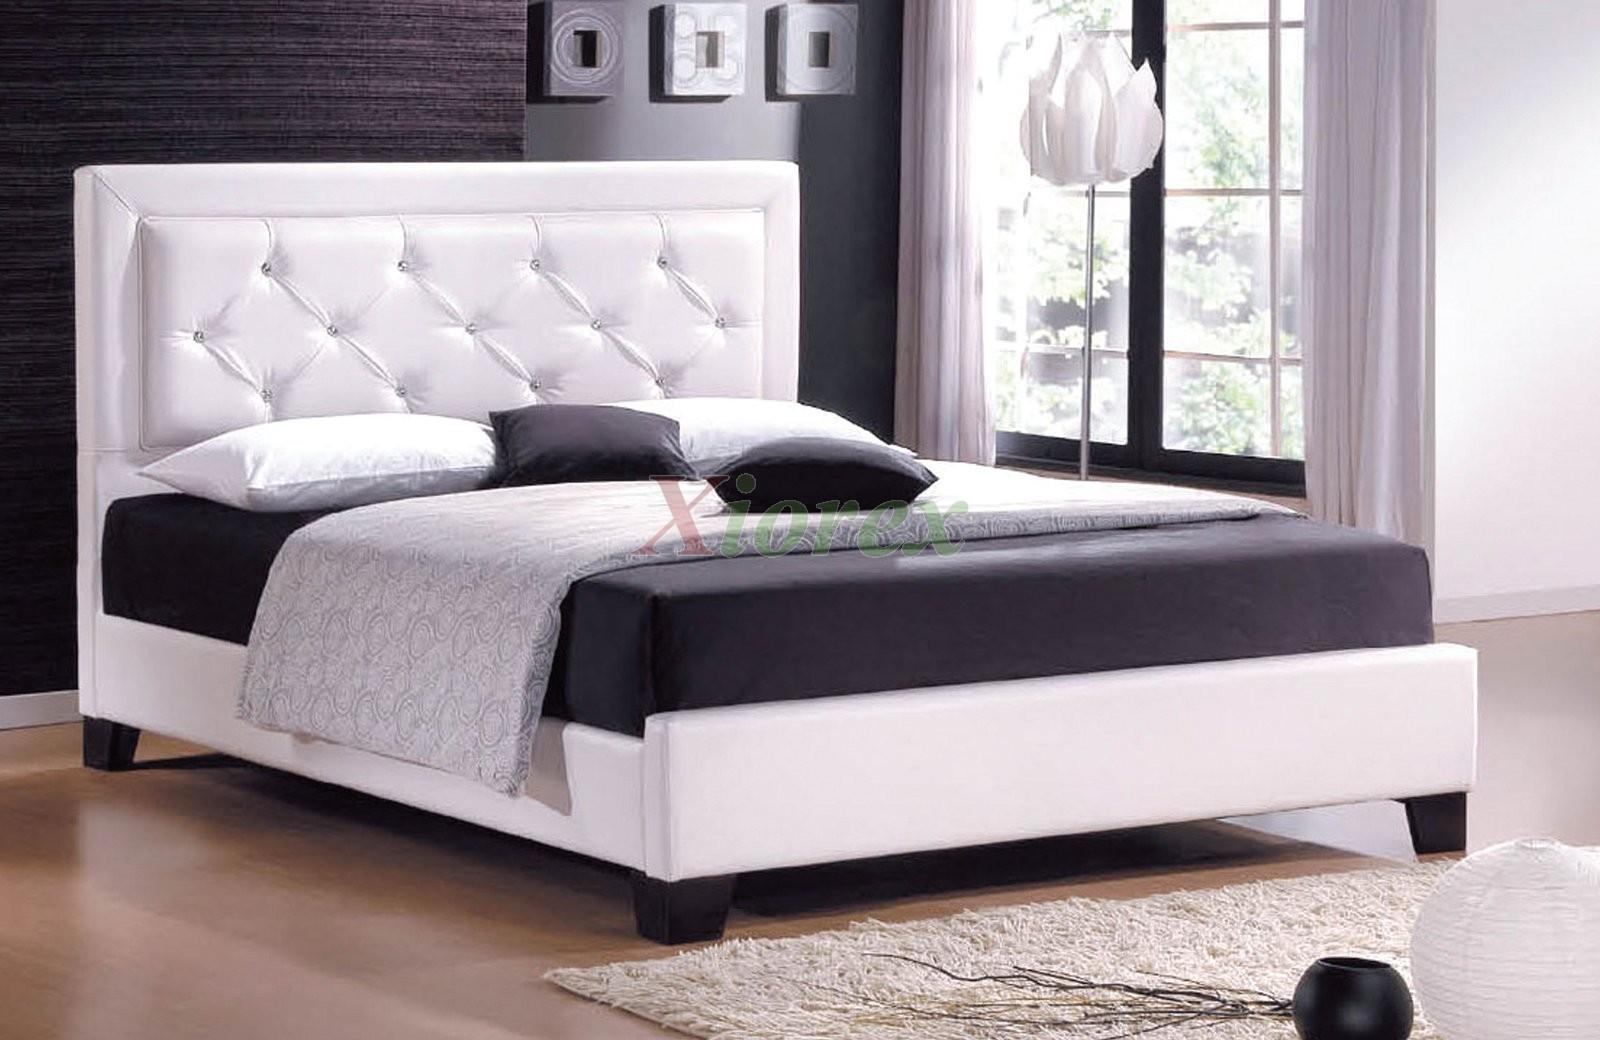 Upholstered platform bed furniture with tufted headboard for Platform bed with upholstered headboard